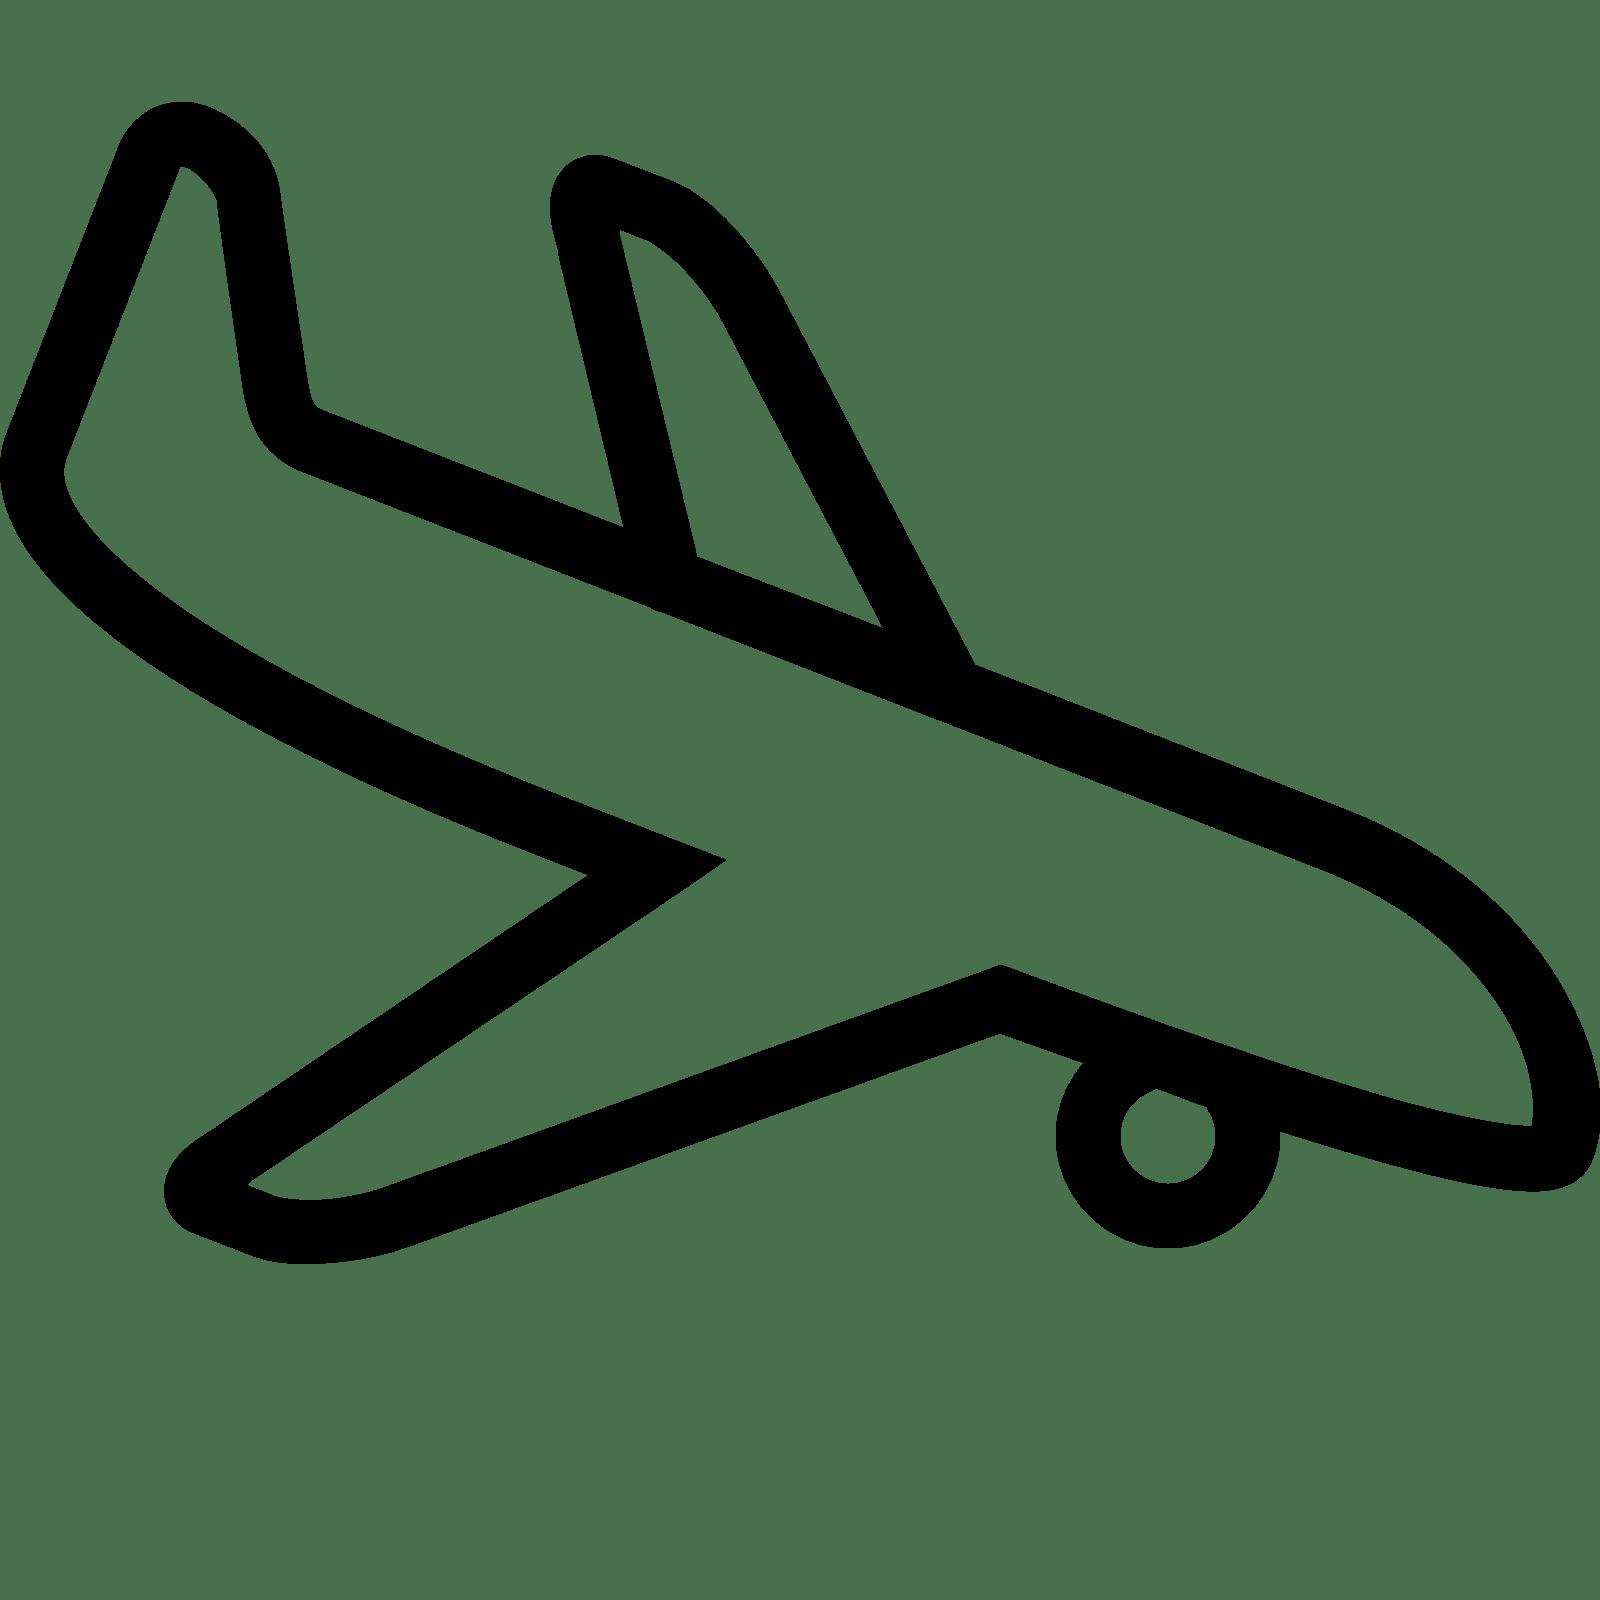 Drawn airplane plane landing And Landing Airplane icon Download